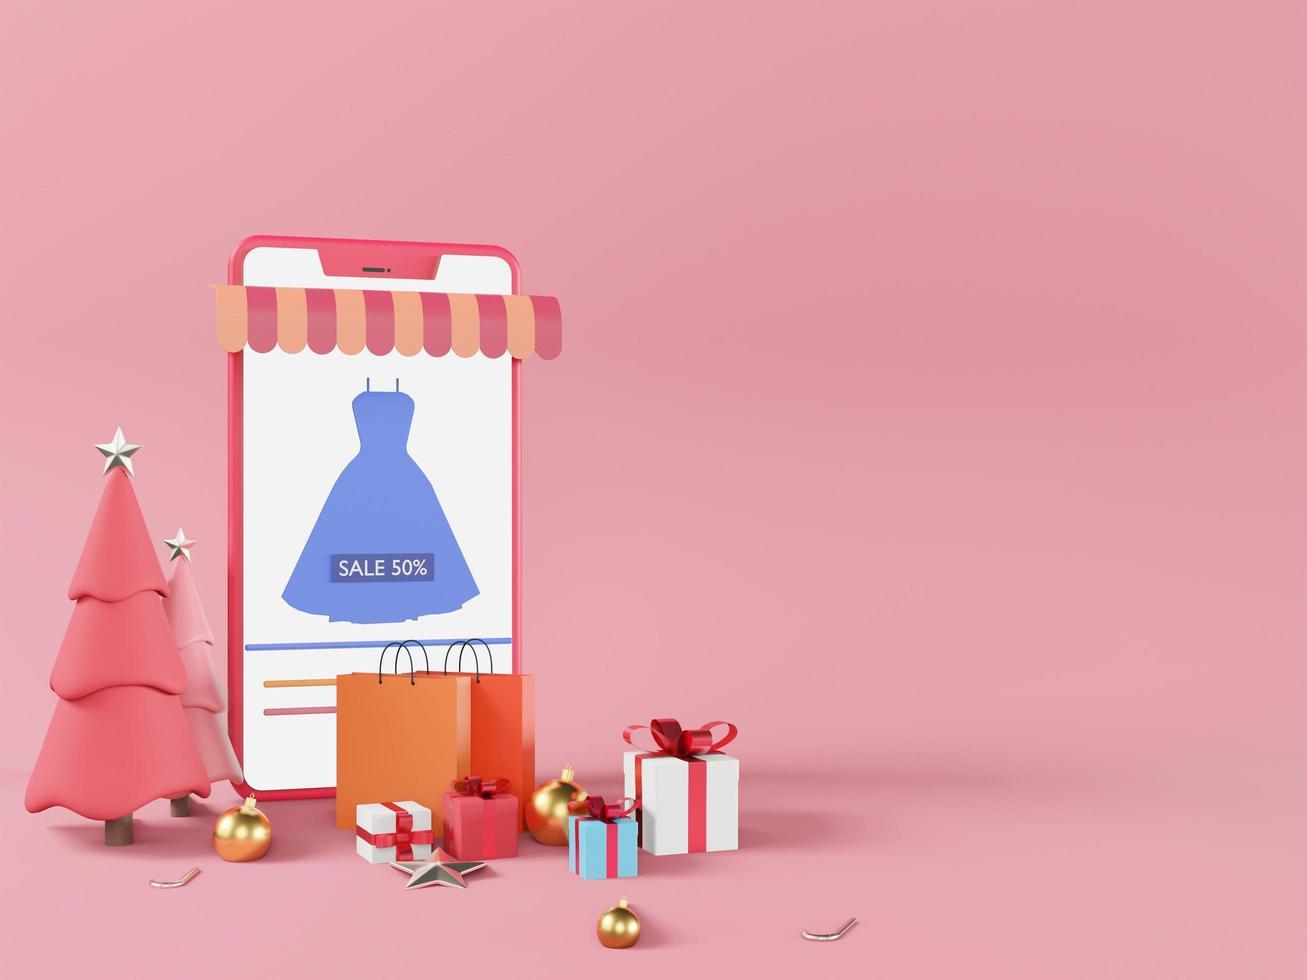 maqueta de diseño de comercio electrónico sobre fondo rosa foto